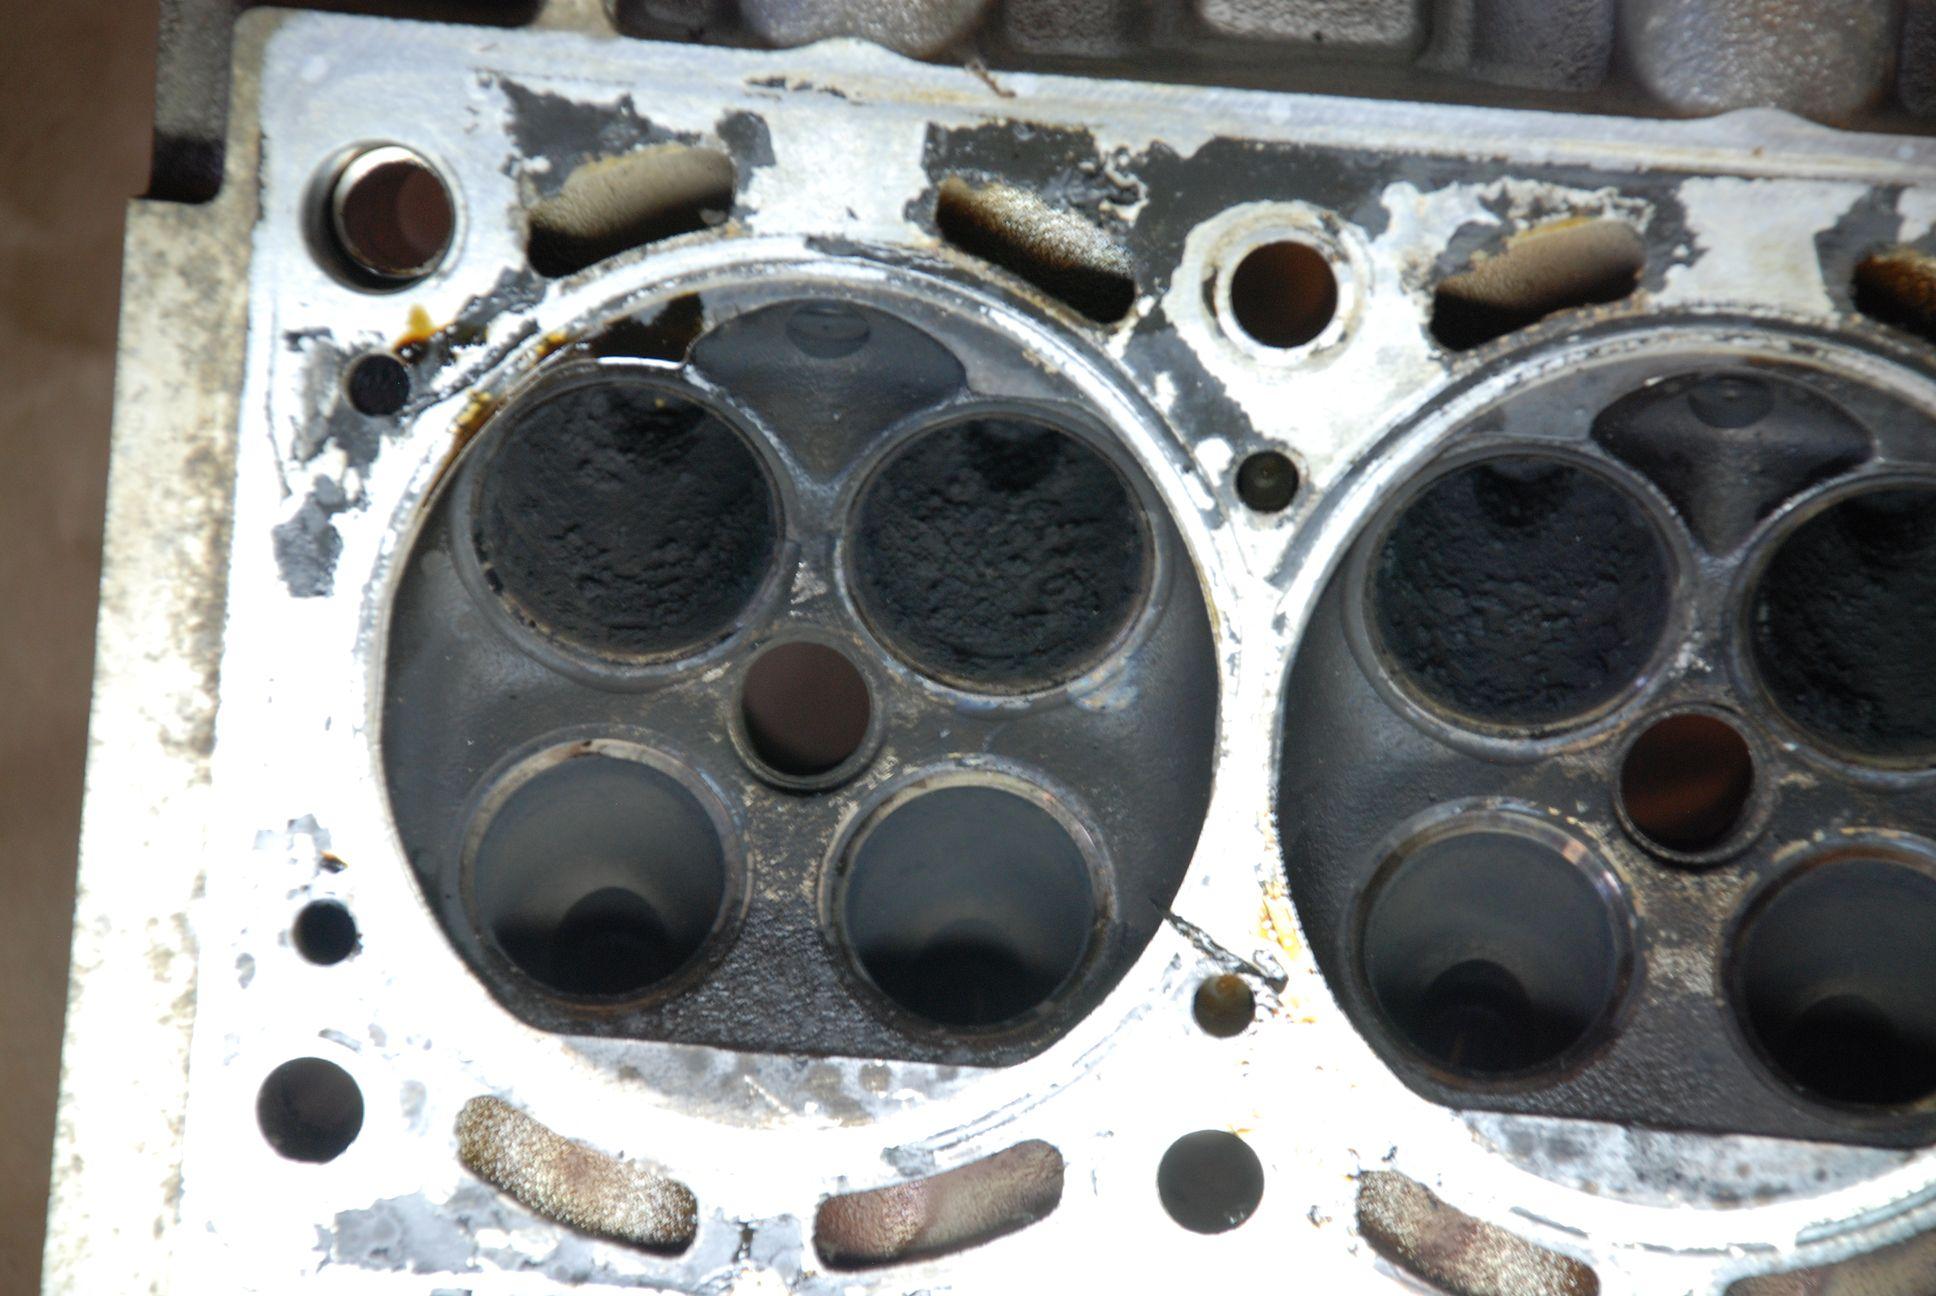 BAD_Zylinderkopfcrash_11.JPG.991b1004b17e65fe7495479049dcb5e3.JPG